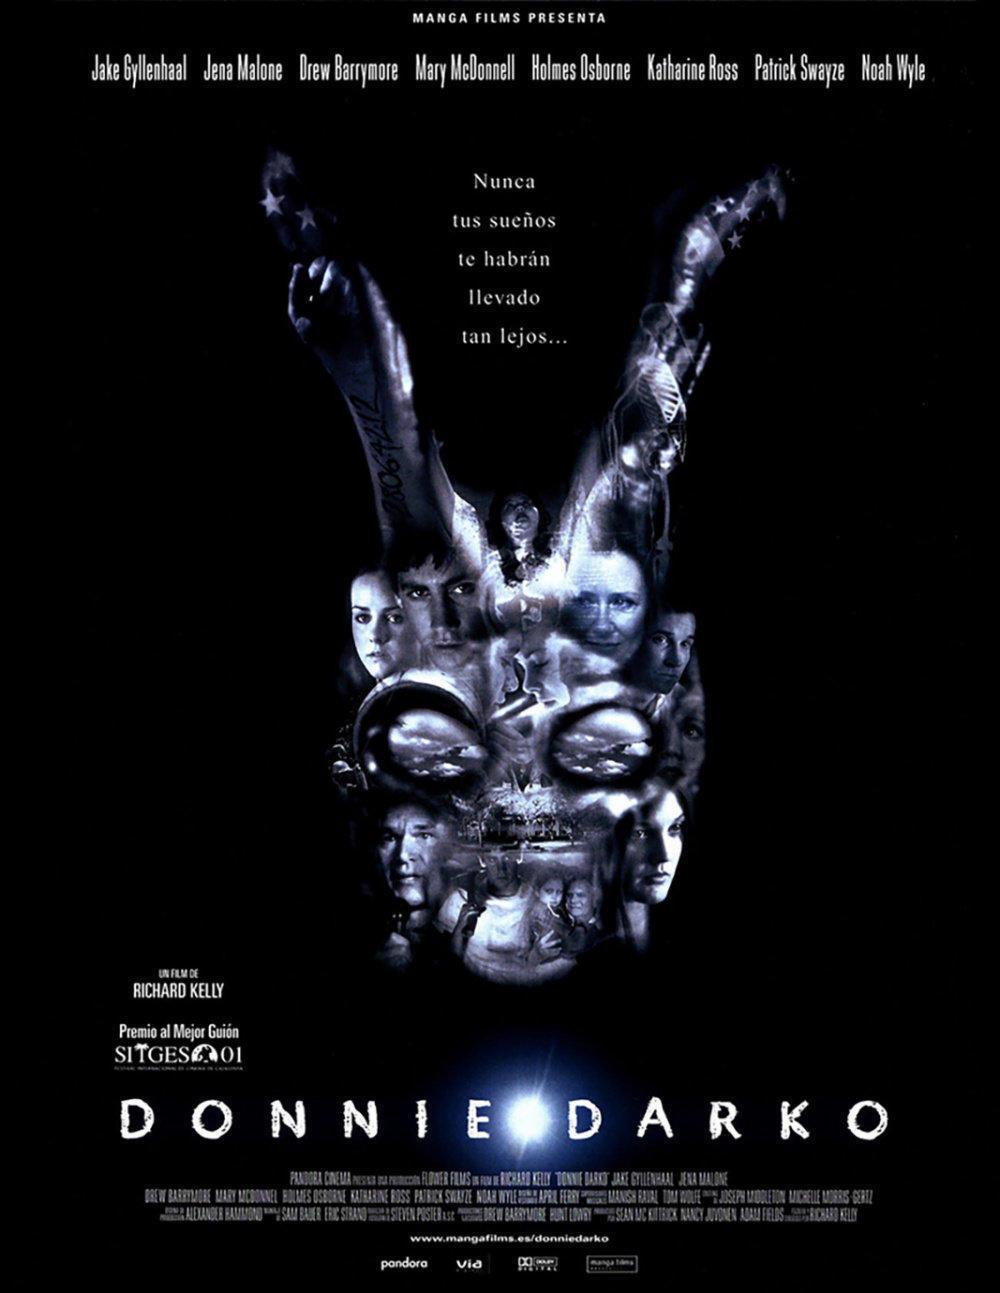 affiche du film Donnie Darko